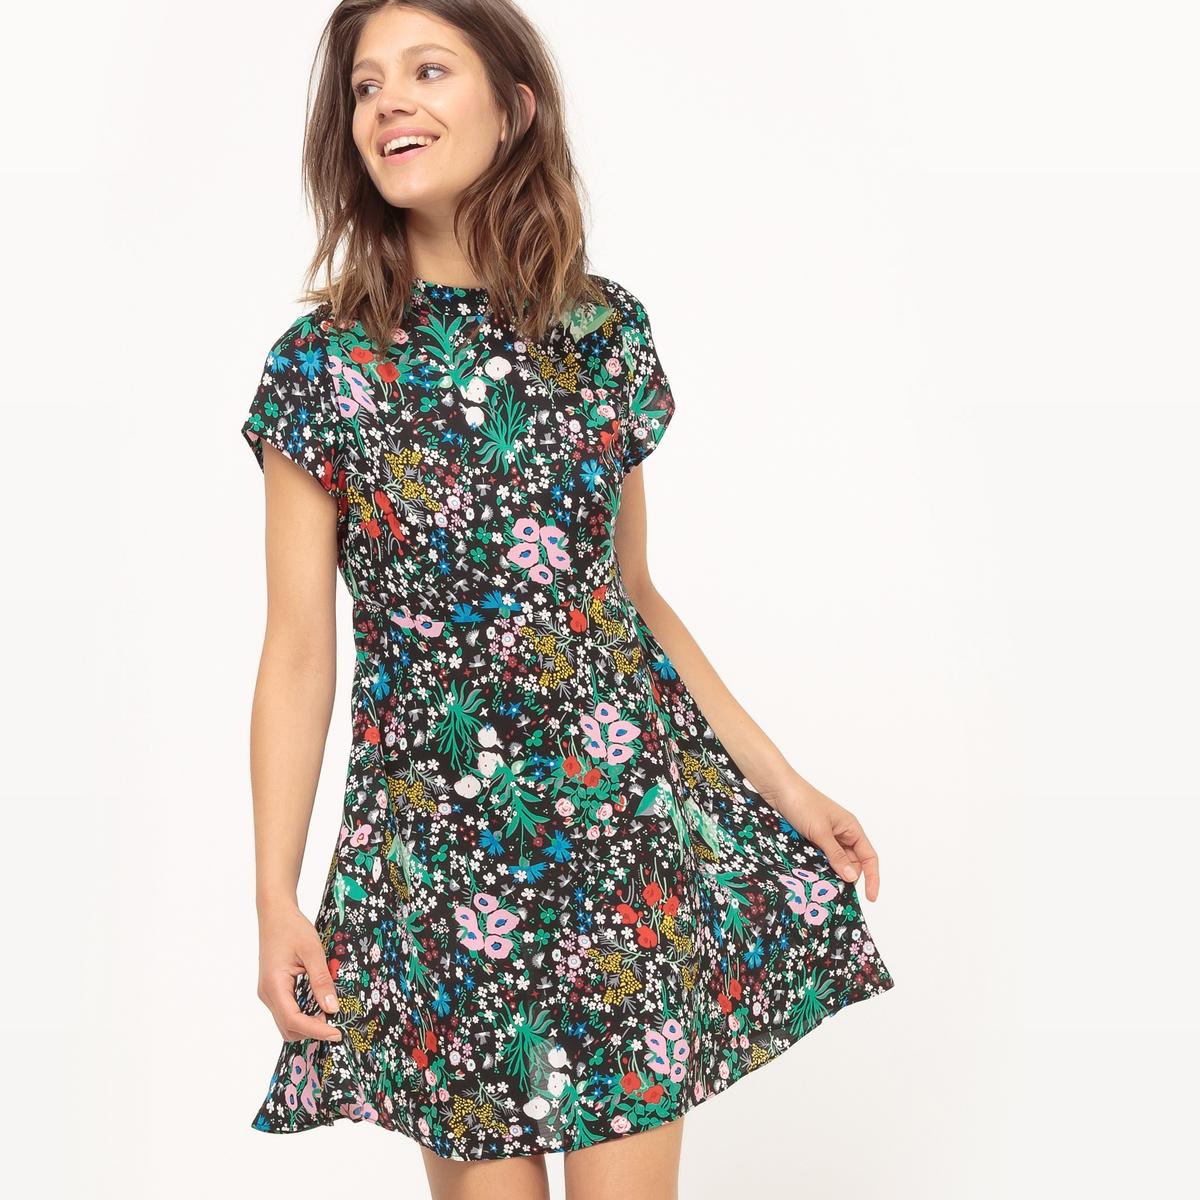 Платье с короткими рукавами и цветочным рисункомМатериал : 100% полиэстер  Длина рукава : Короткие рукава  Форма воротника : Круглый вырез Покрой платья : расклешенное платье. Рисунок : цветочный. Особенности : Кружево  Длина платья : короткое.<br><br>Цвет: цветочный рисунок<br>Размер: XS